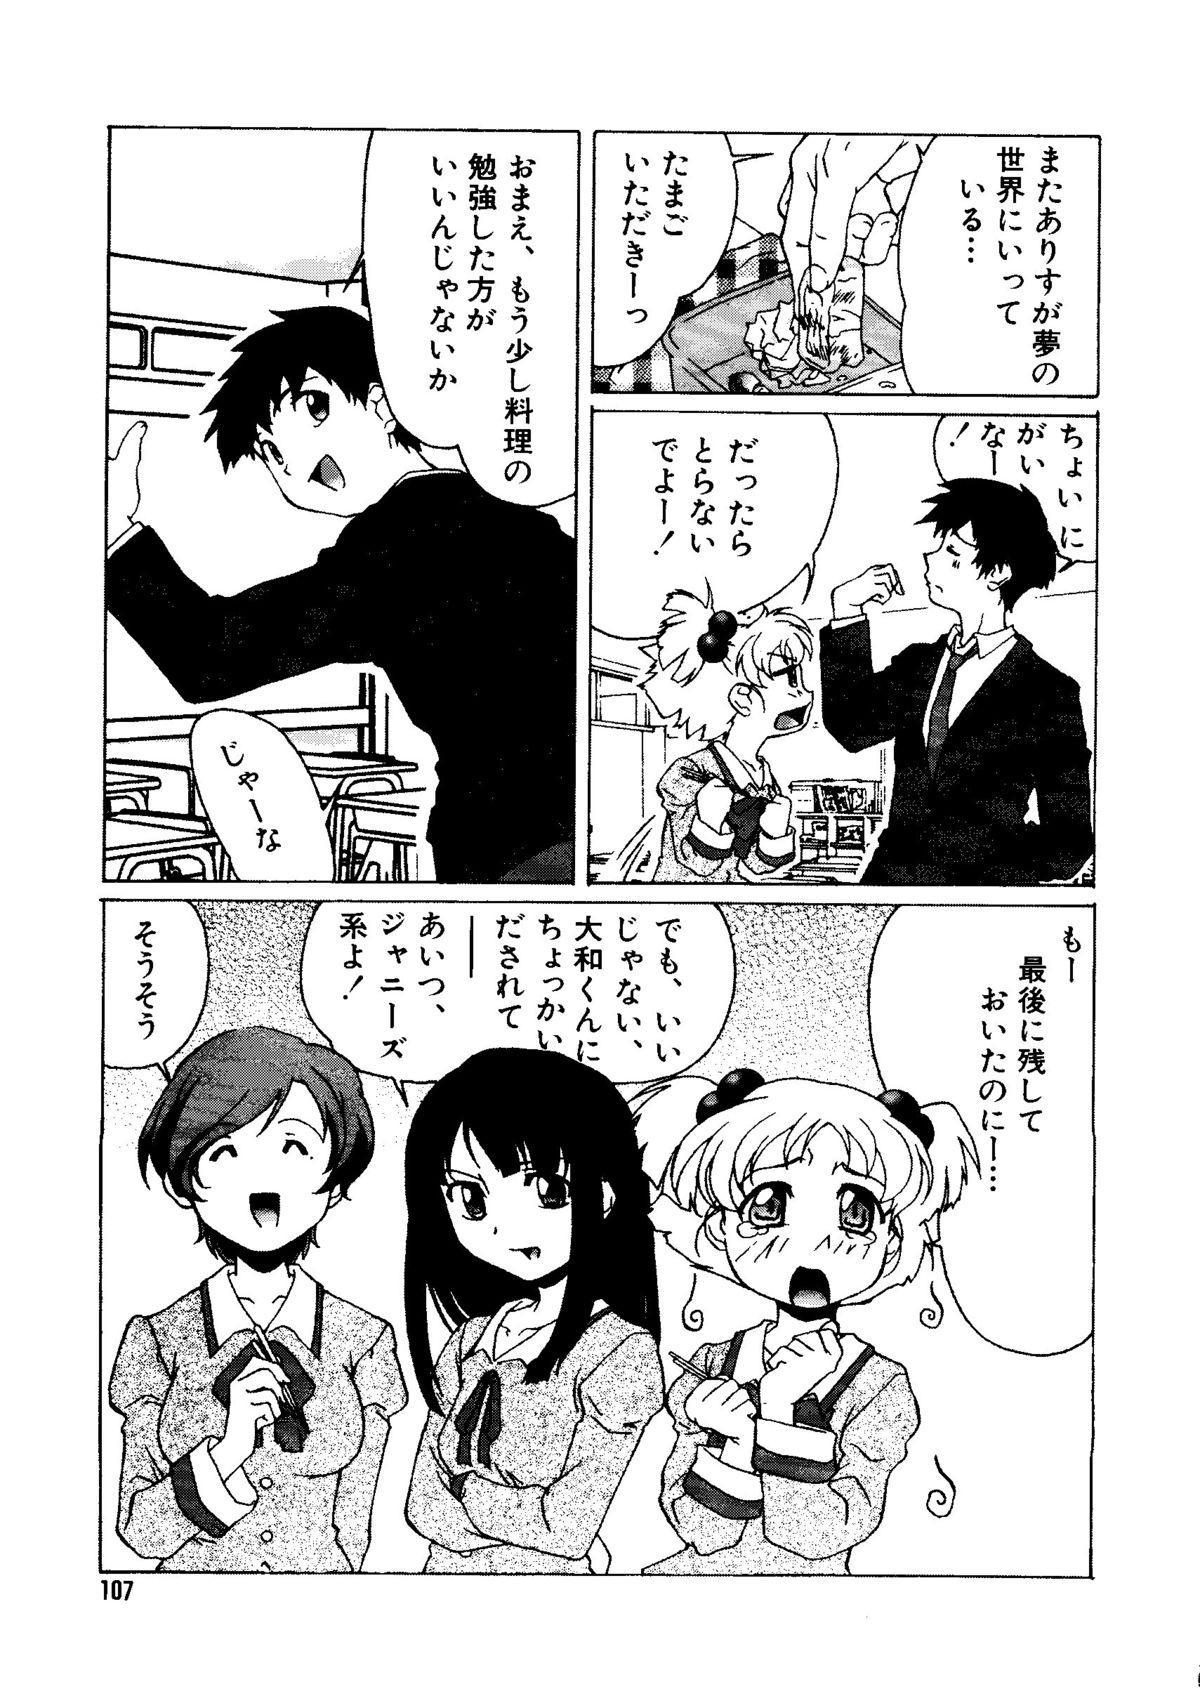 Mujirushi Youhin Vol. 7 105